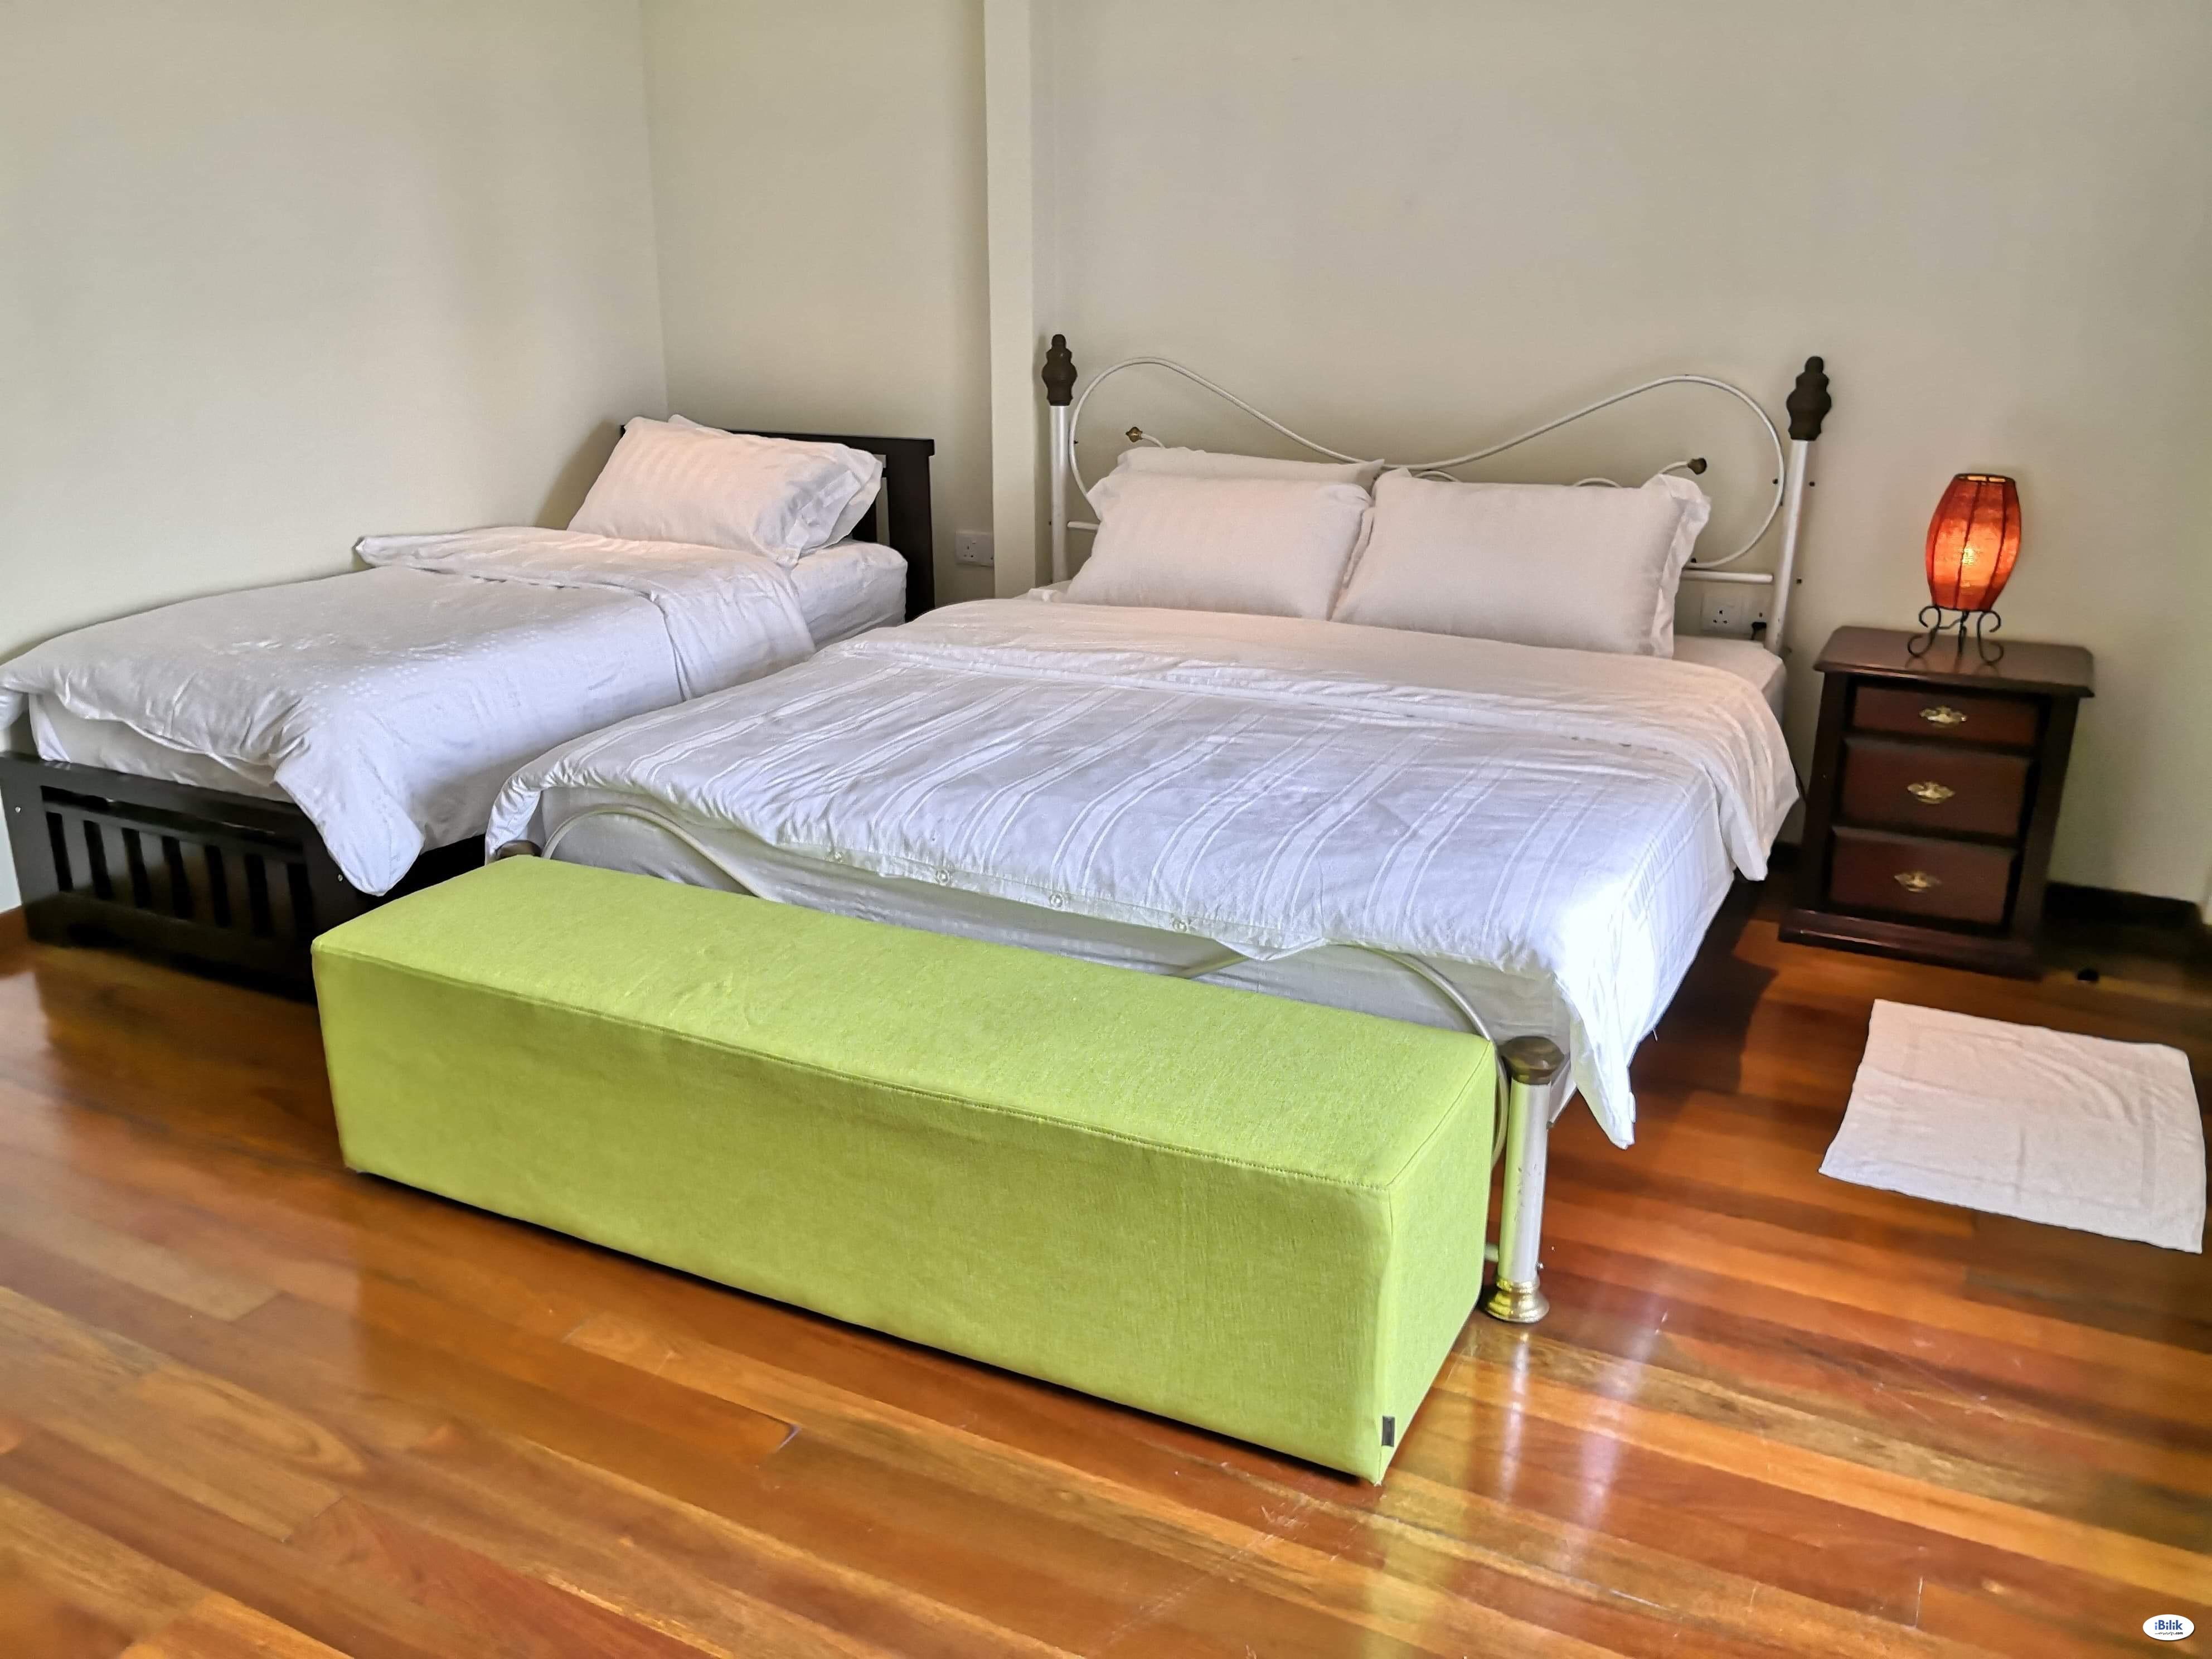 Angelic,  King and Single invalid-friendly Room, Kairos Villa at Pantai, 71770 Seremban Seremban,